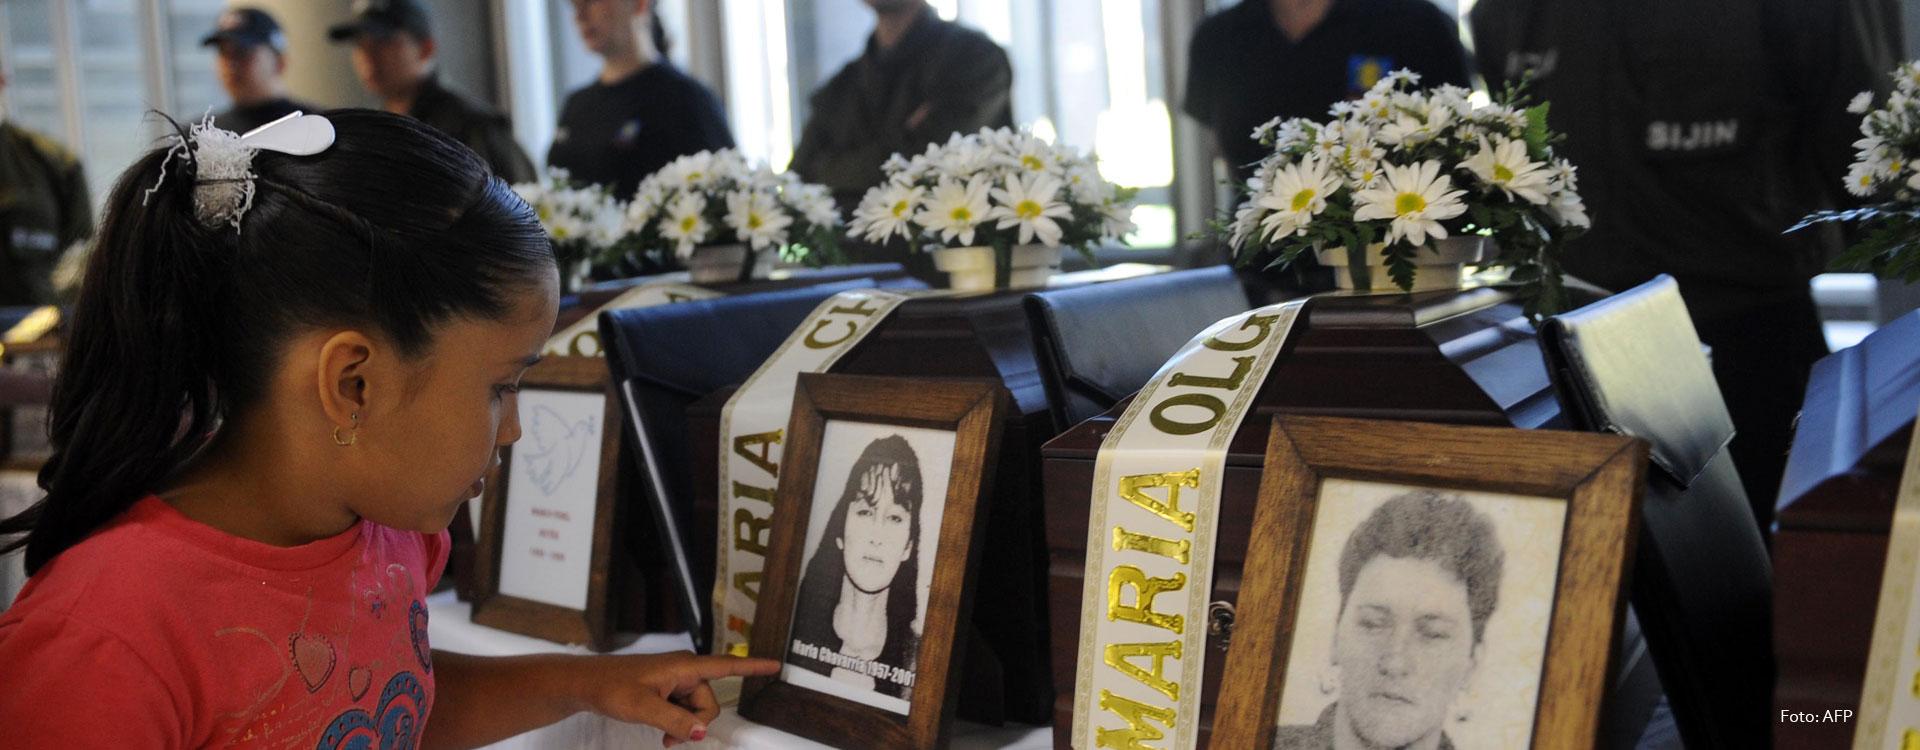 Niña junto a la fotografía de una mujer desaparecida en la ceremonia de entrega de restos.